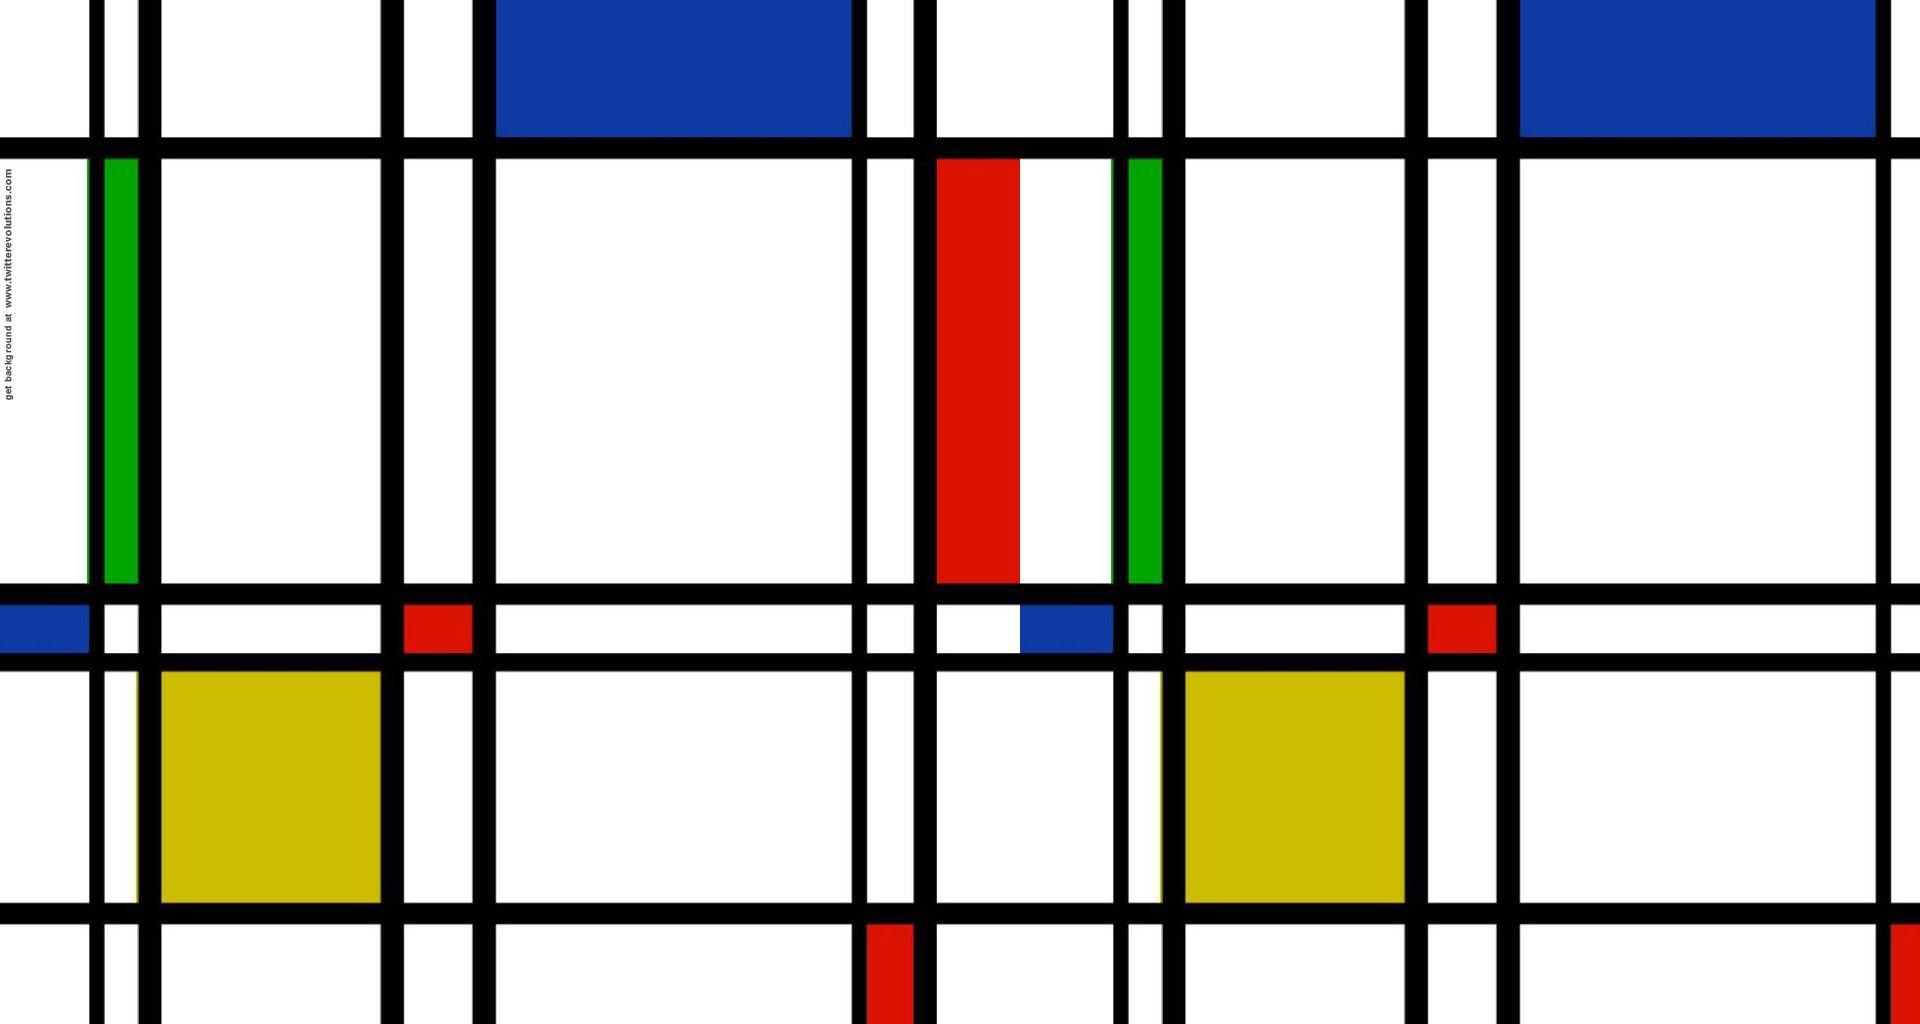 Determining the right cabin color schemes piet mondrian boogie woogie piet mondiran de stijl mondrian mondrian de